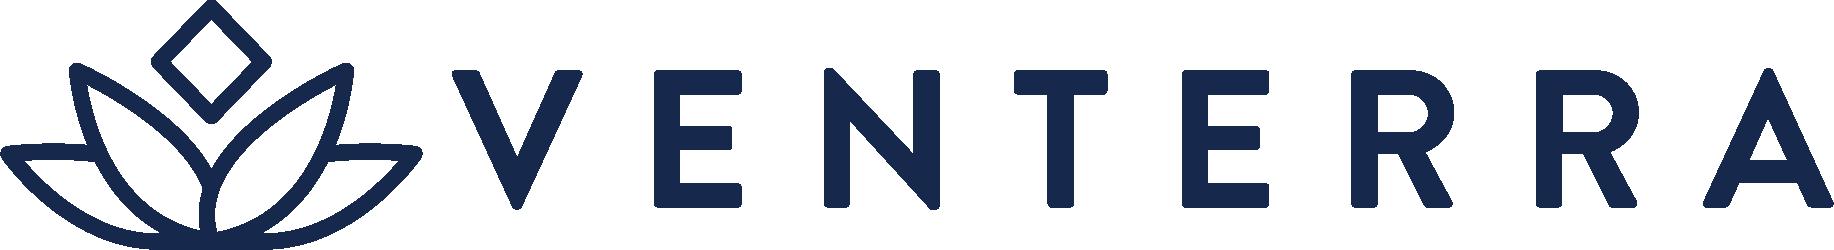 venterraliving.com venterra logo horizontal